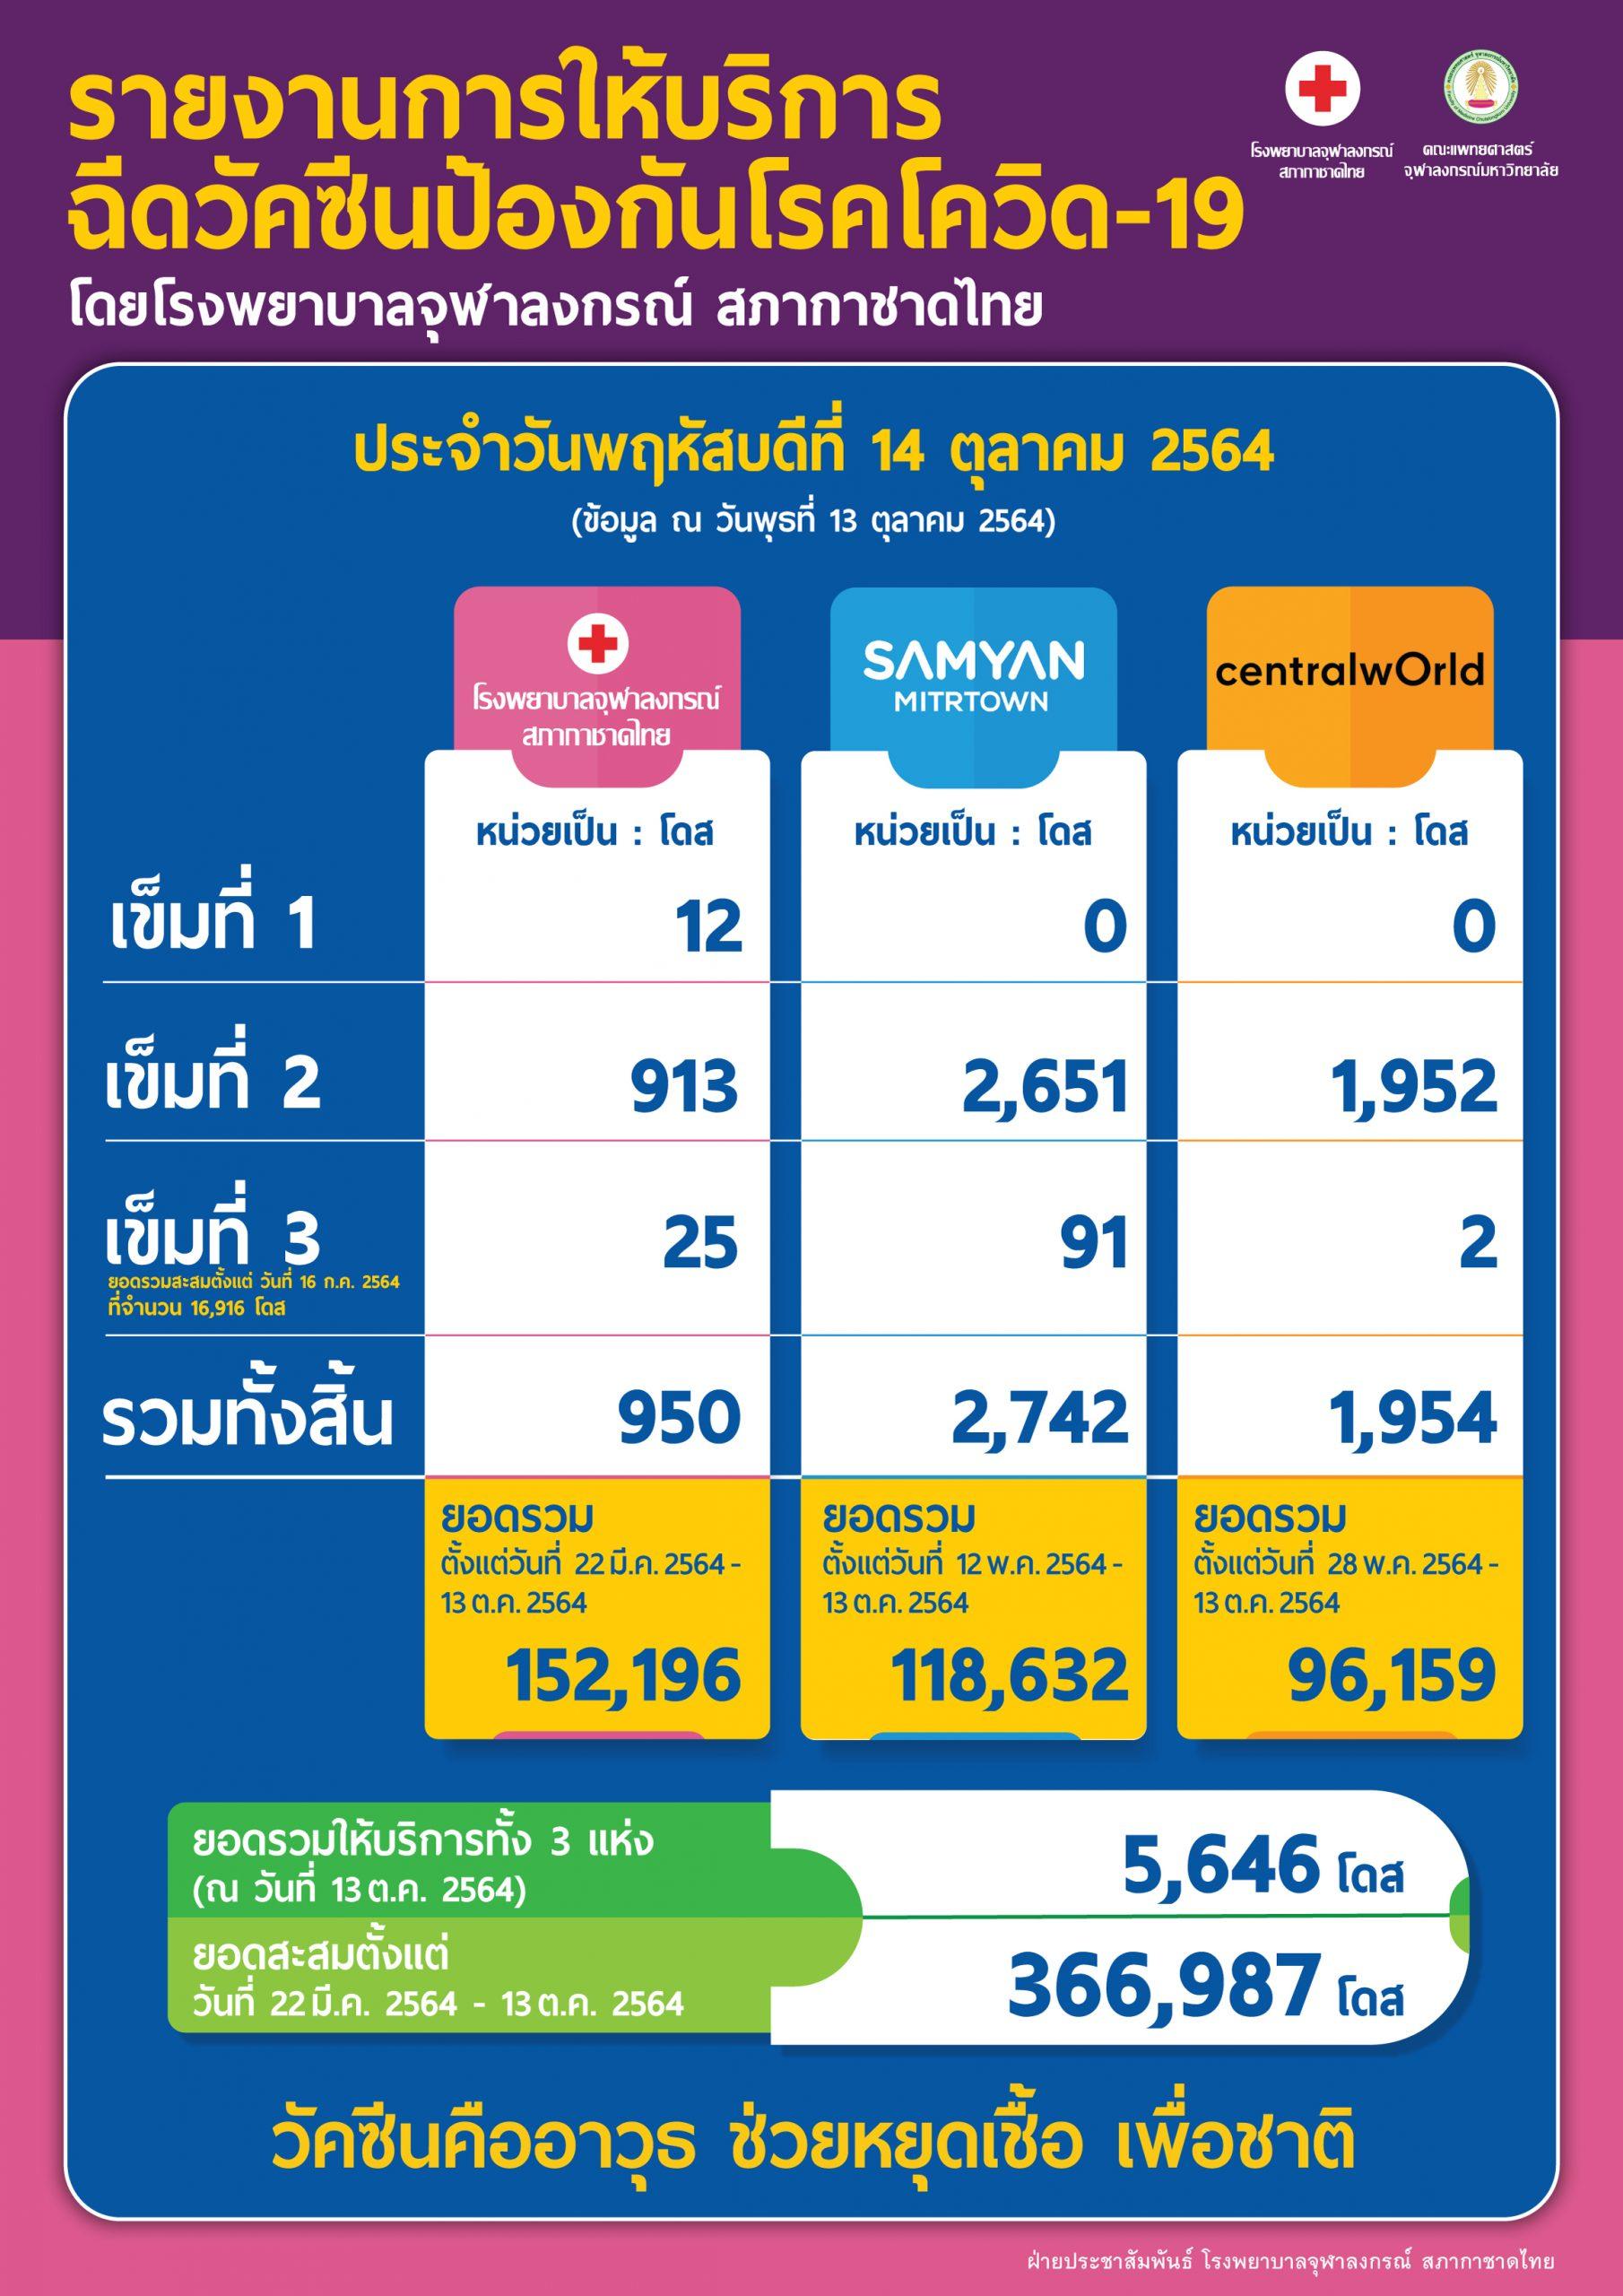 รายงานการให้บริการฉีดวัคซีนป้องกันโรคโควิด-19 โดยโรงพยาบาลจุฬาลงกรณ์ สภากาชาดไทย ประจำวันพฤหัสบดีที่ 14 ตุลาคม 2564